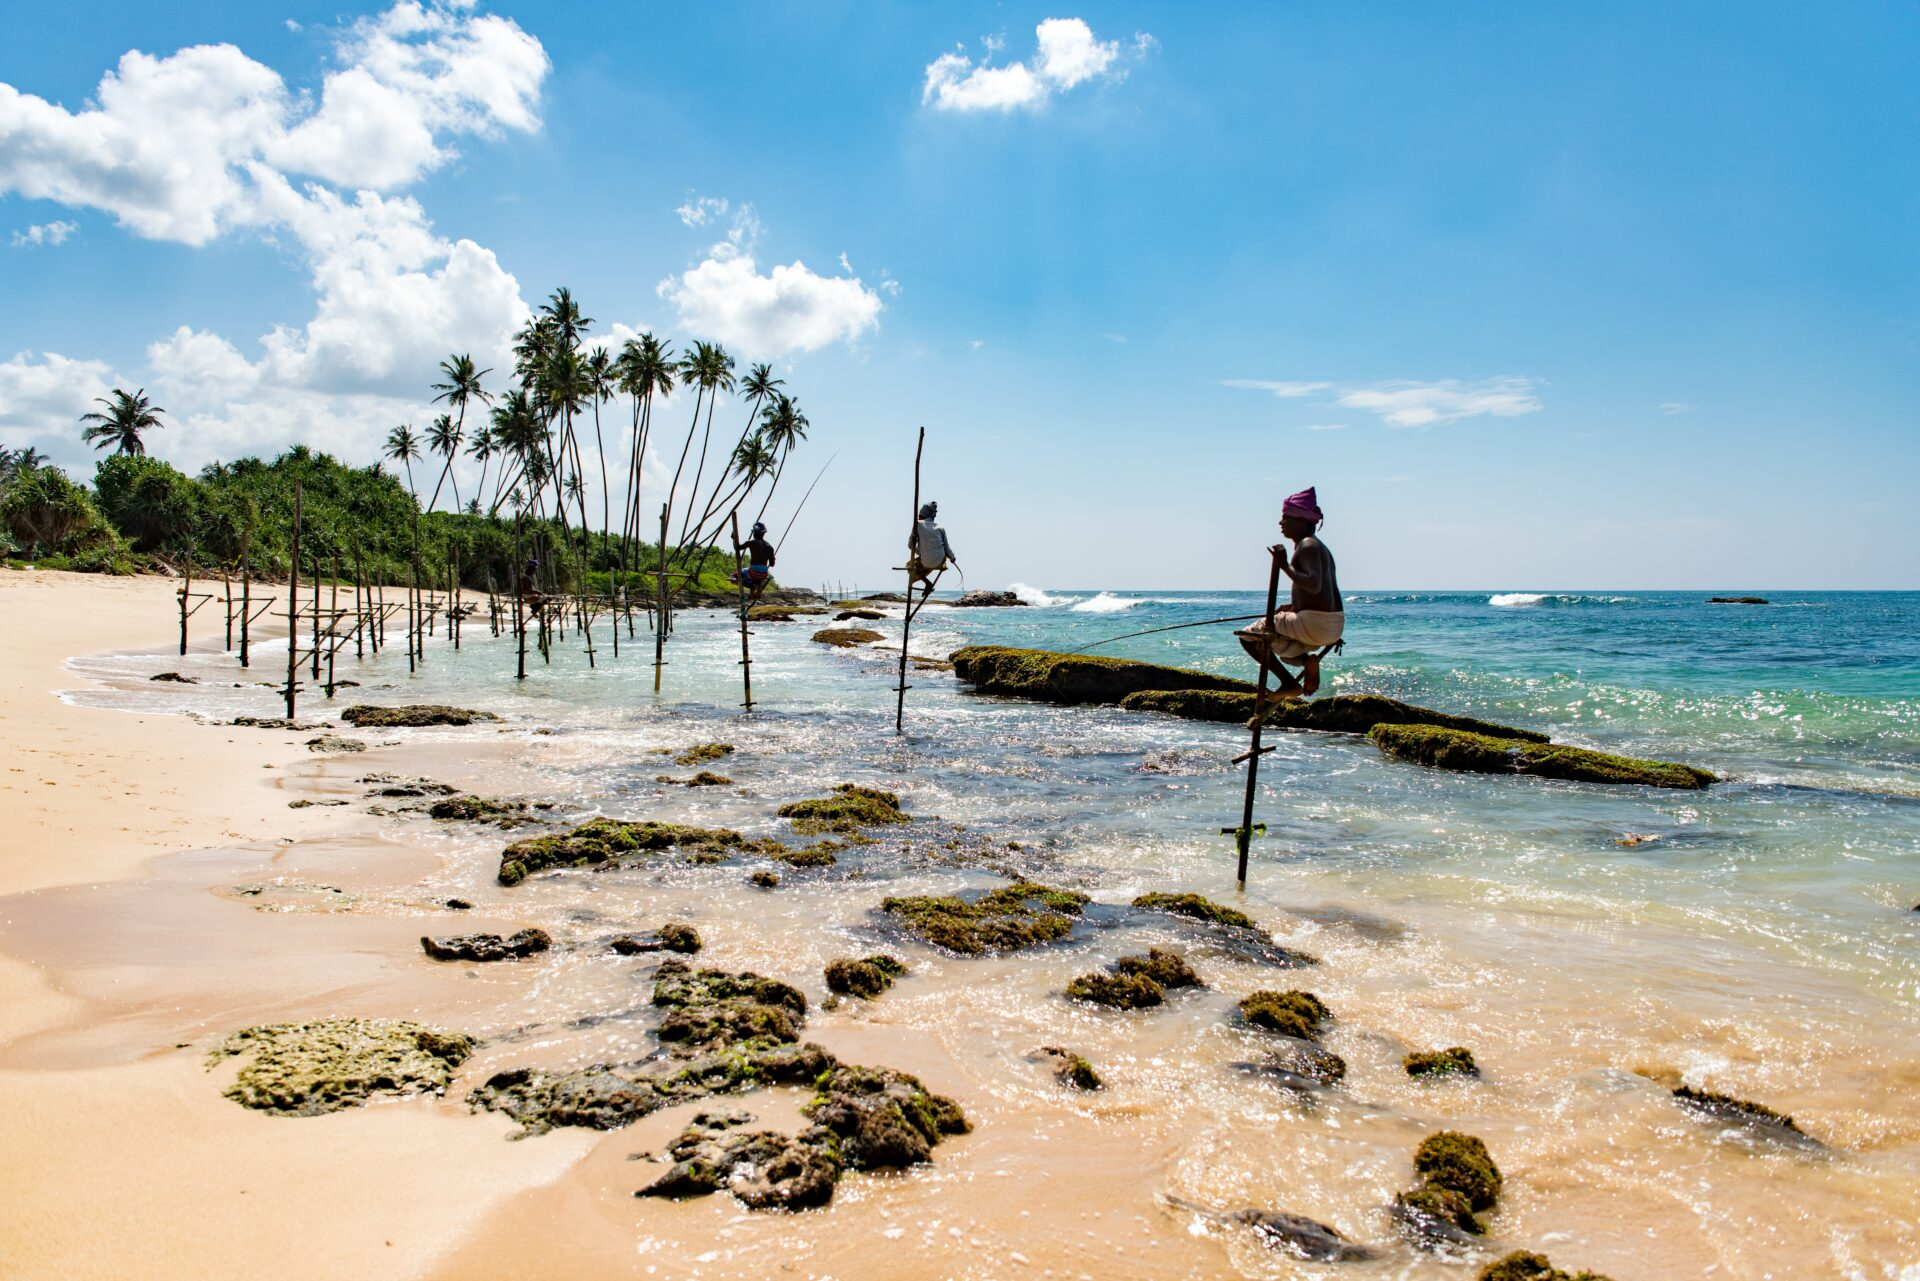 Stokvissers in Sri Lanka - duurzaam reizen - TravelRebel